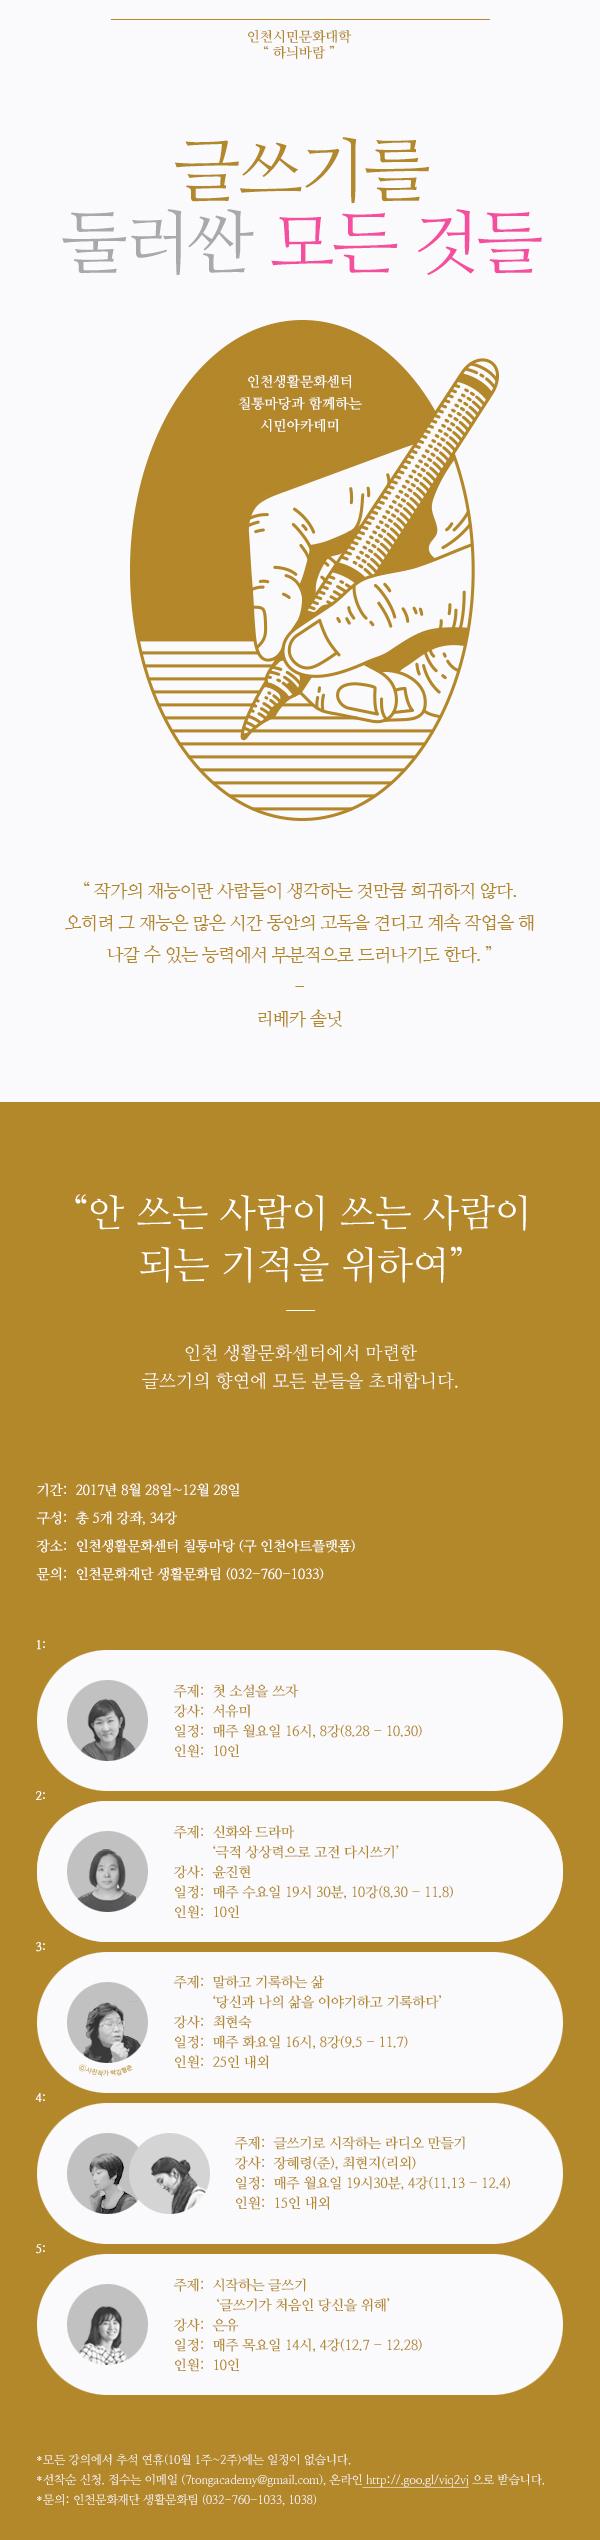 글쓰기 강좌 전체 홍보물(최종).jpg